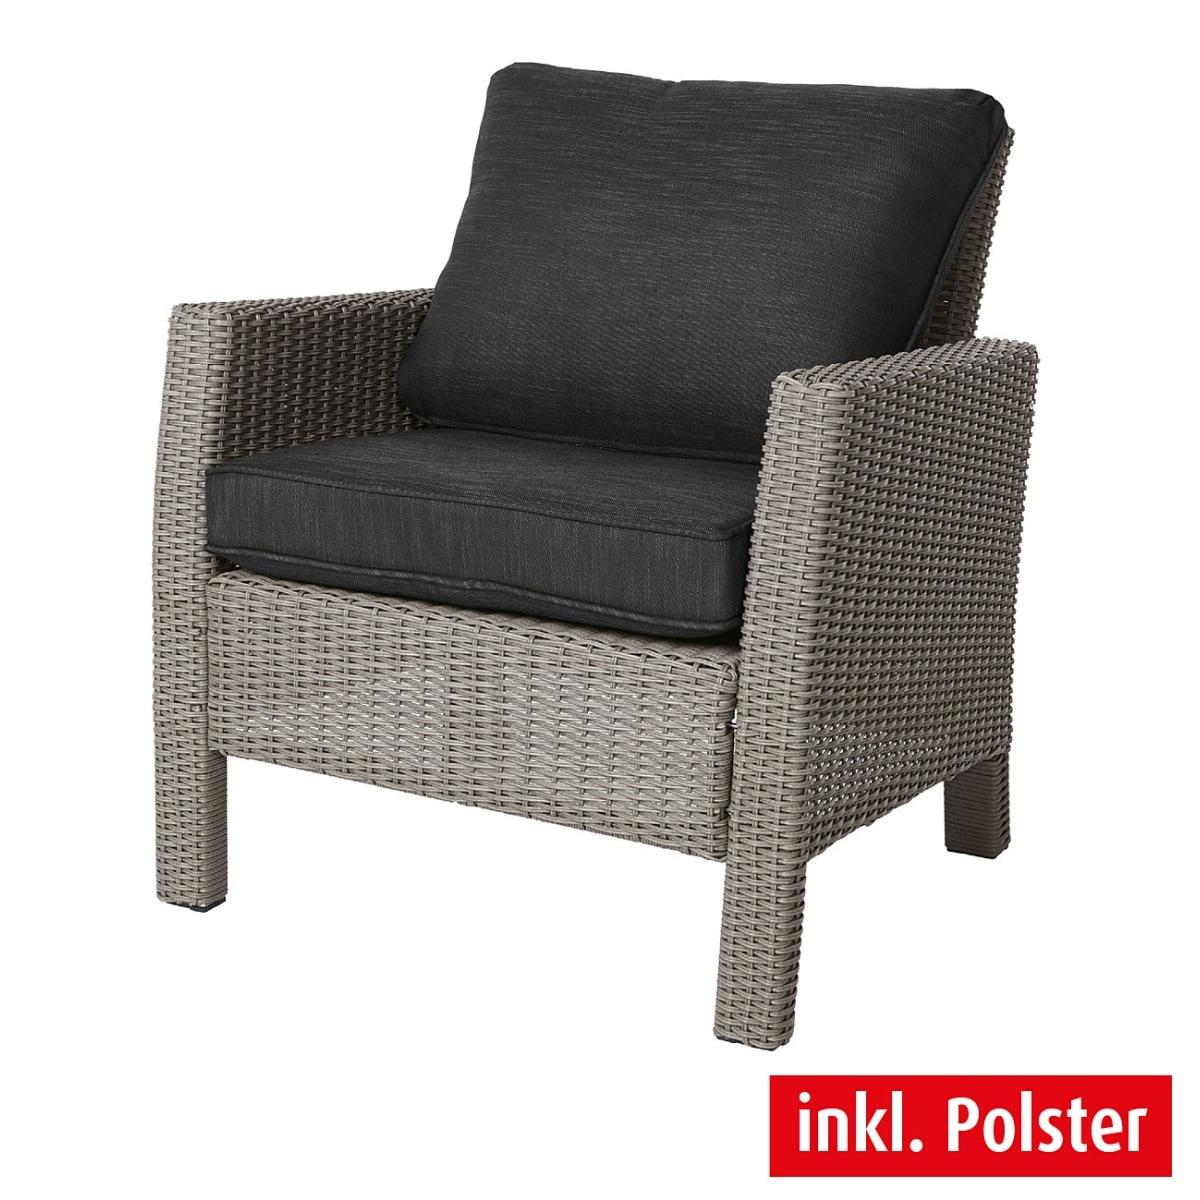 outdoor sessel mit kissen smoky kunststoffgeflecht grau. Black Bedroom Furniture Sets. Home Design Ideas